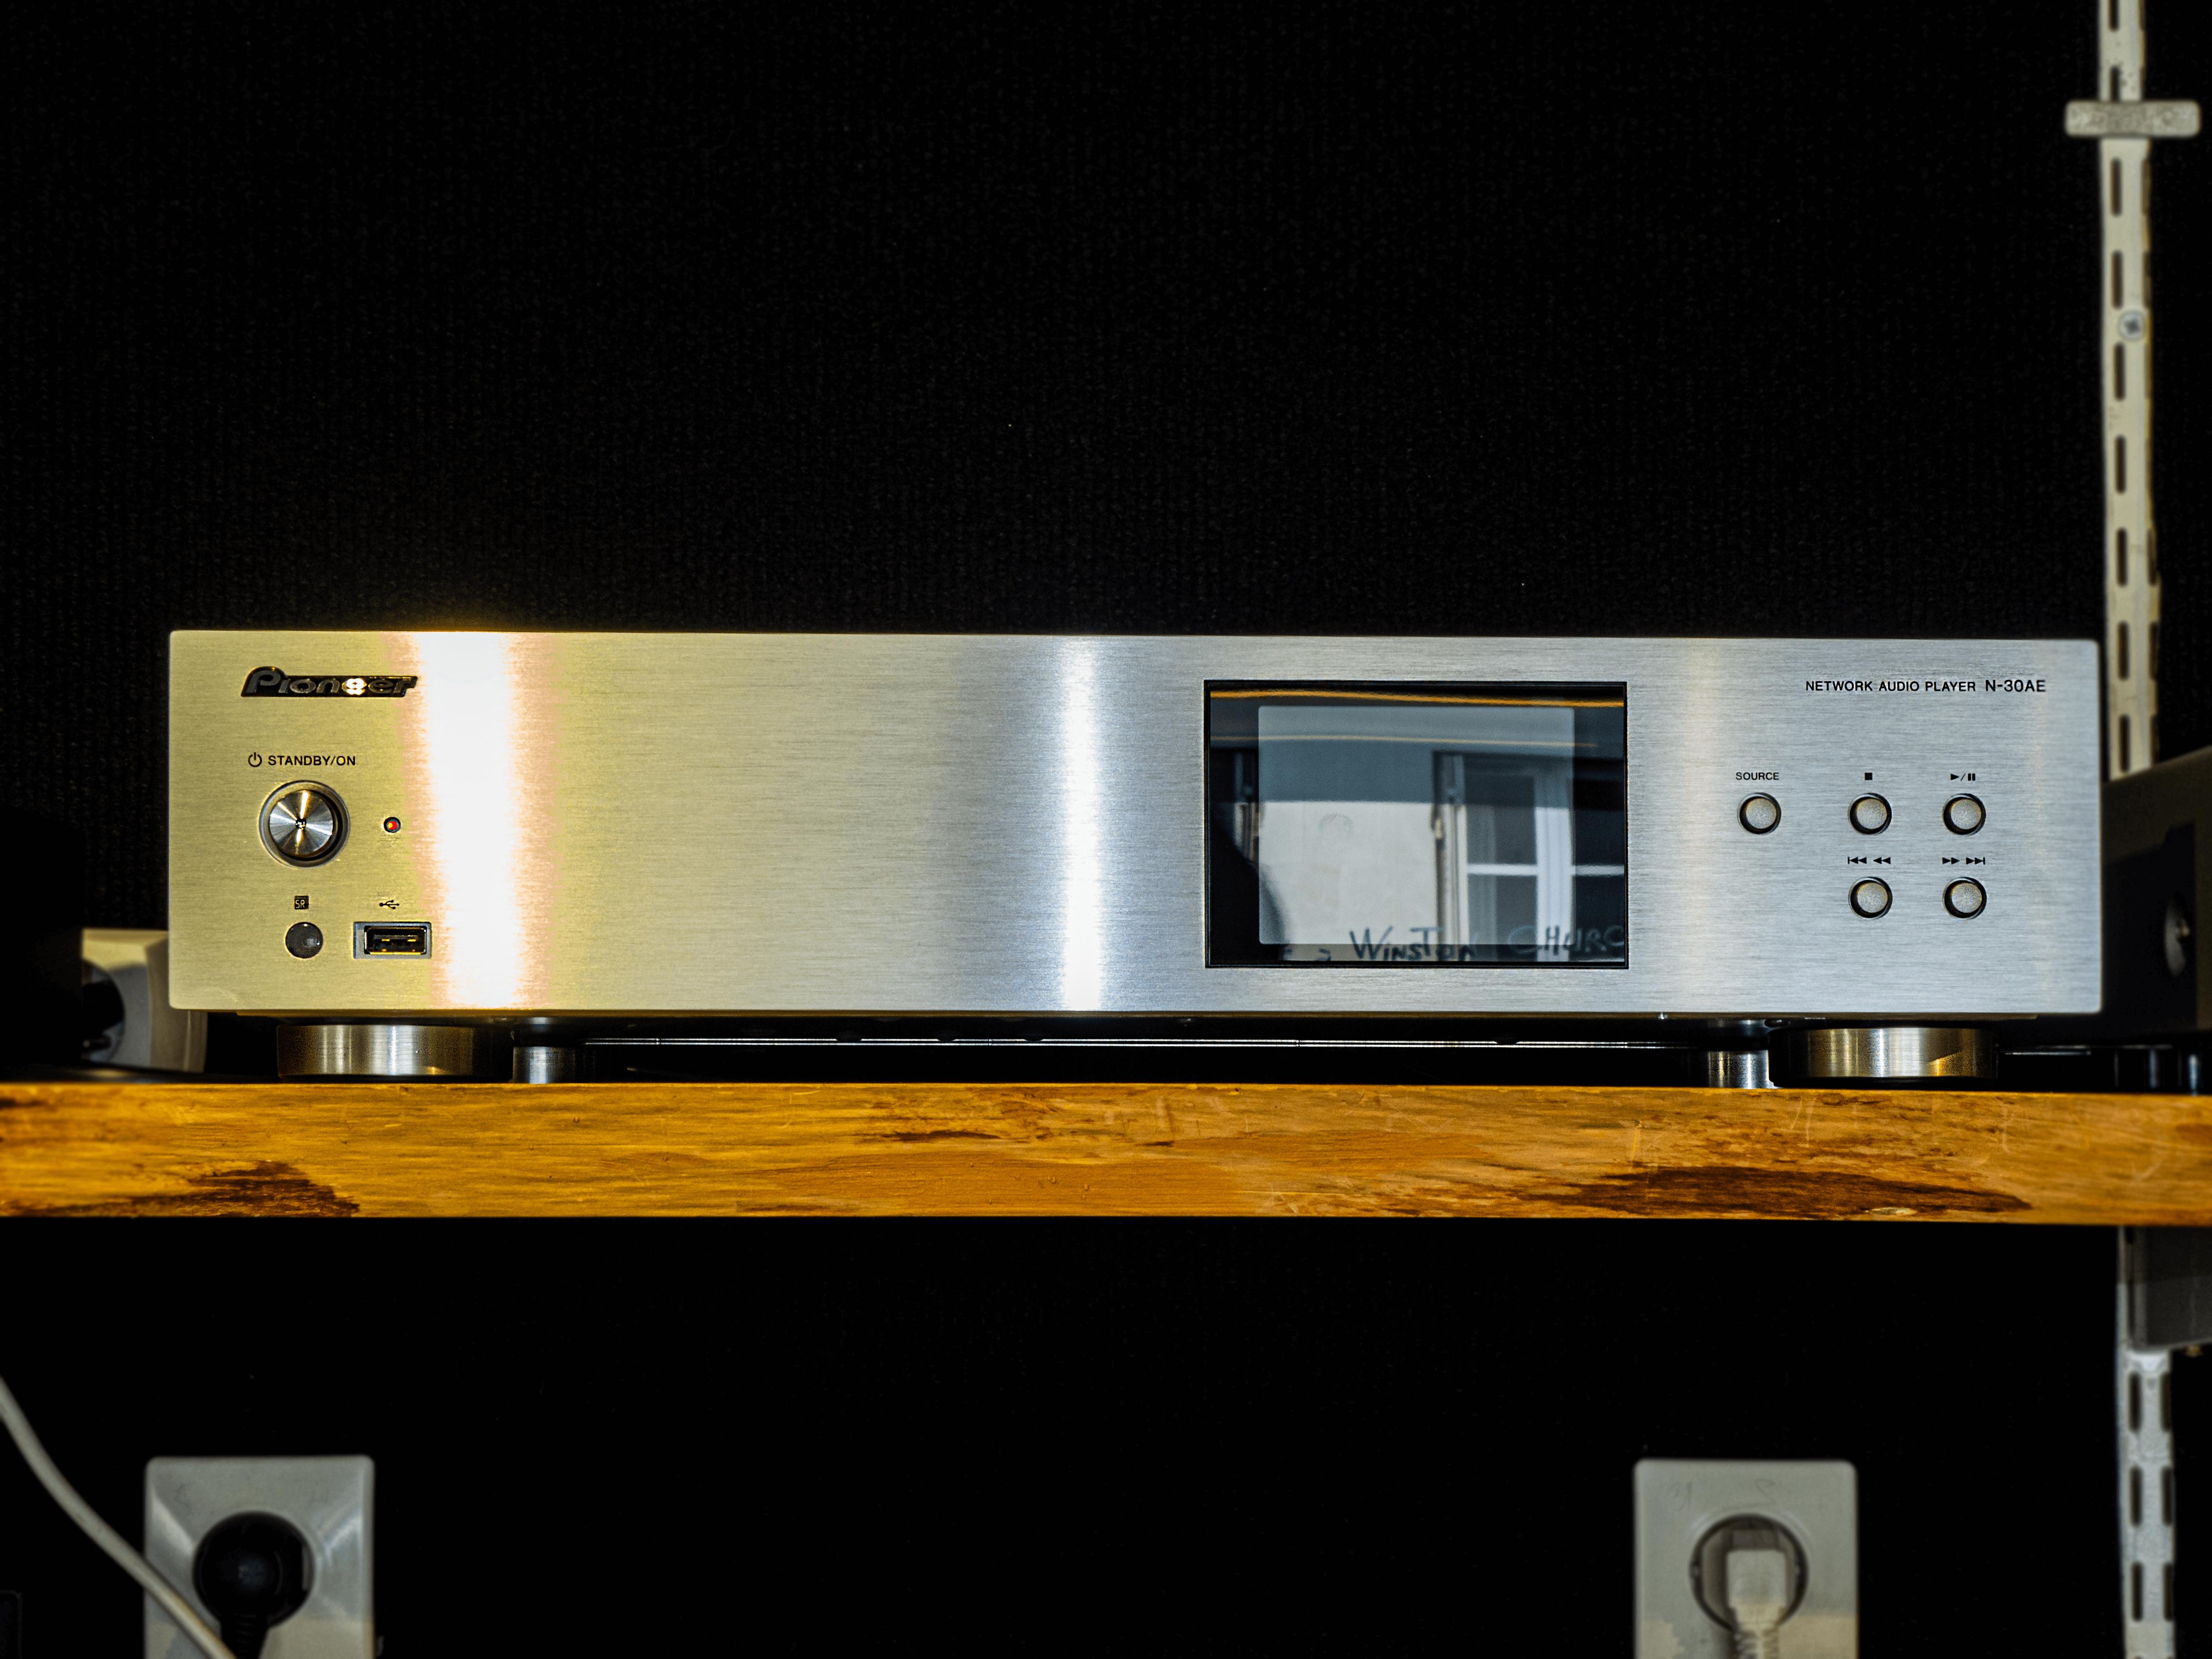 Pioneer N-30AE lecteur audio réseau